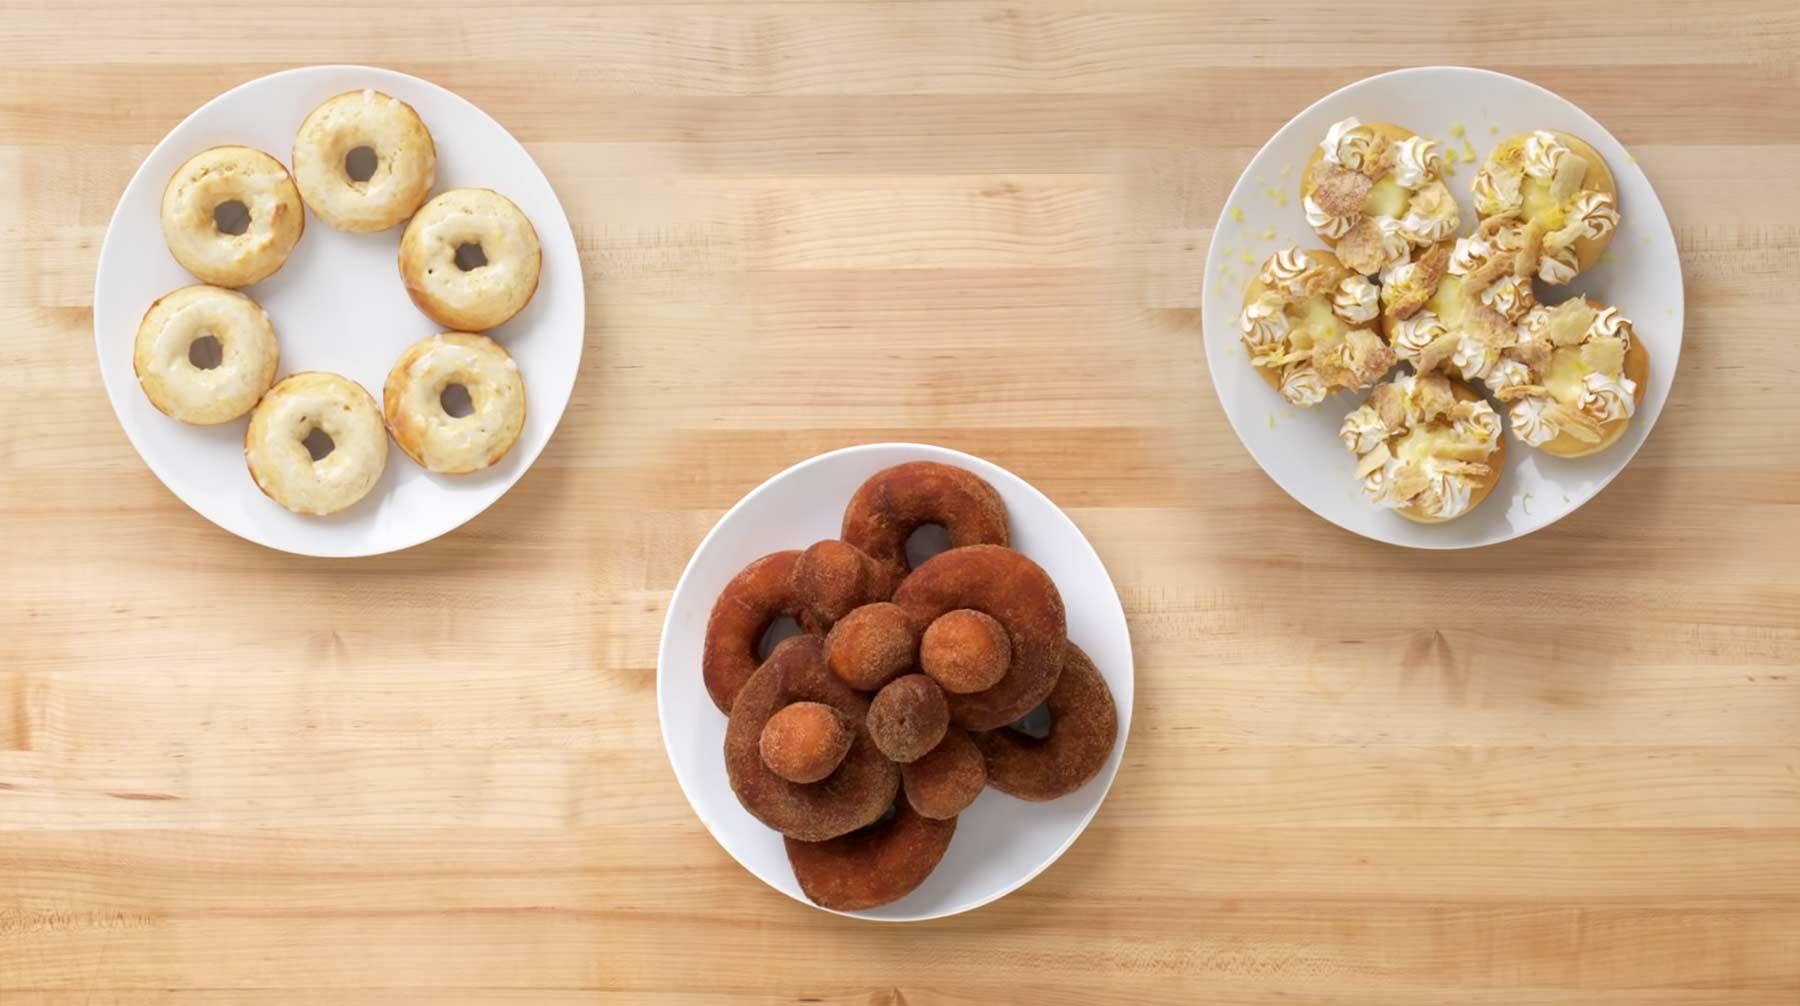 Köche unterschiedlicher Fähigkeitsstufen backen Doughnuts